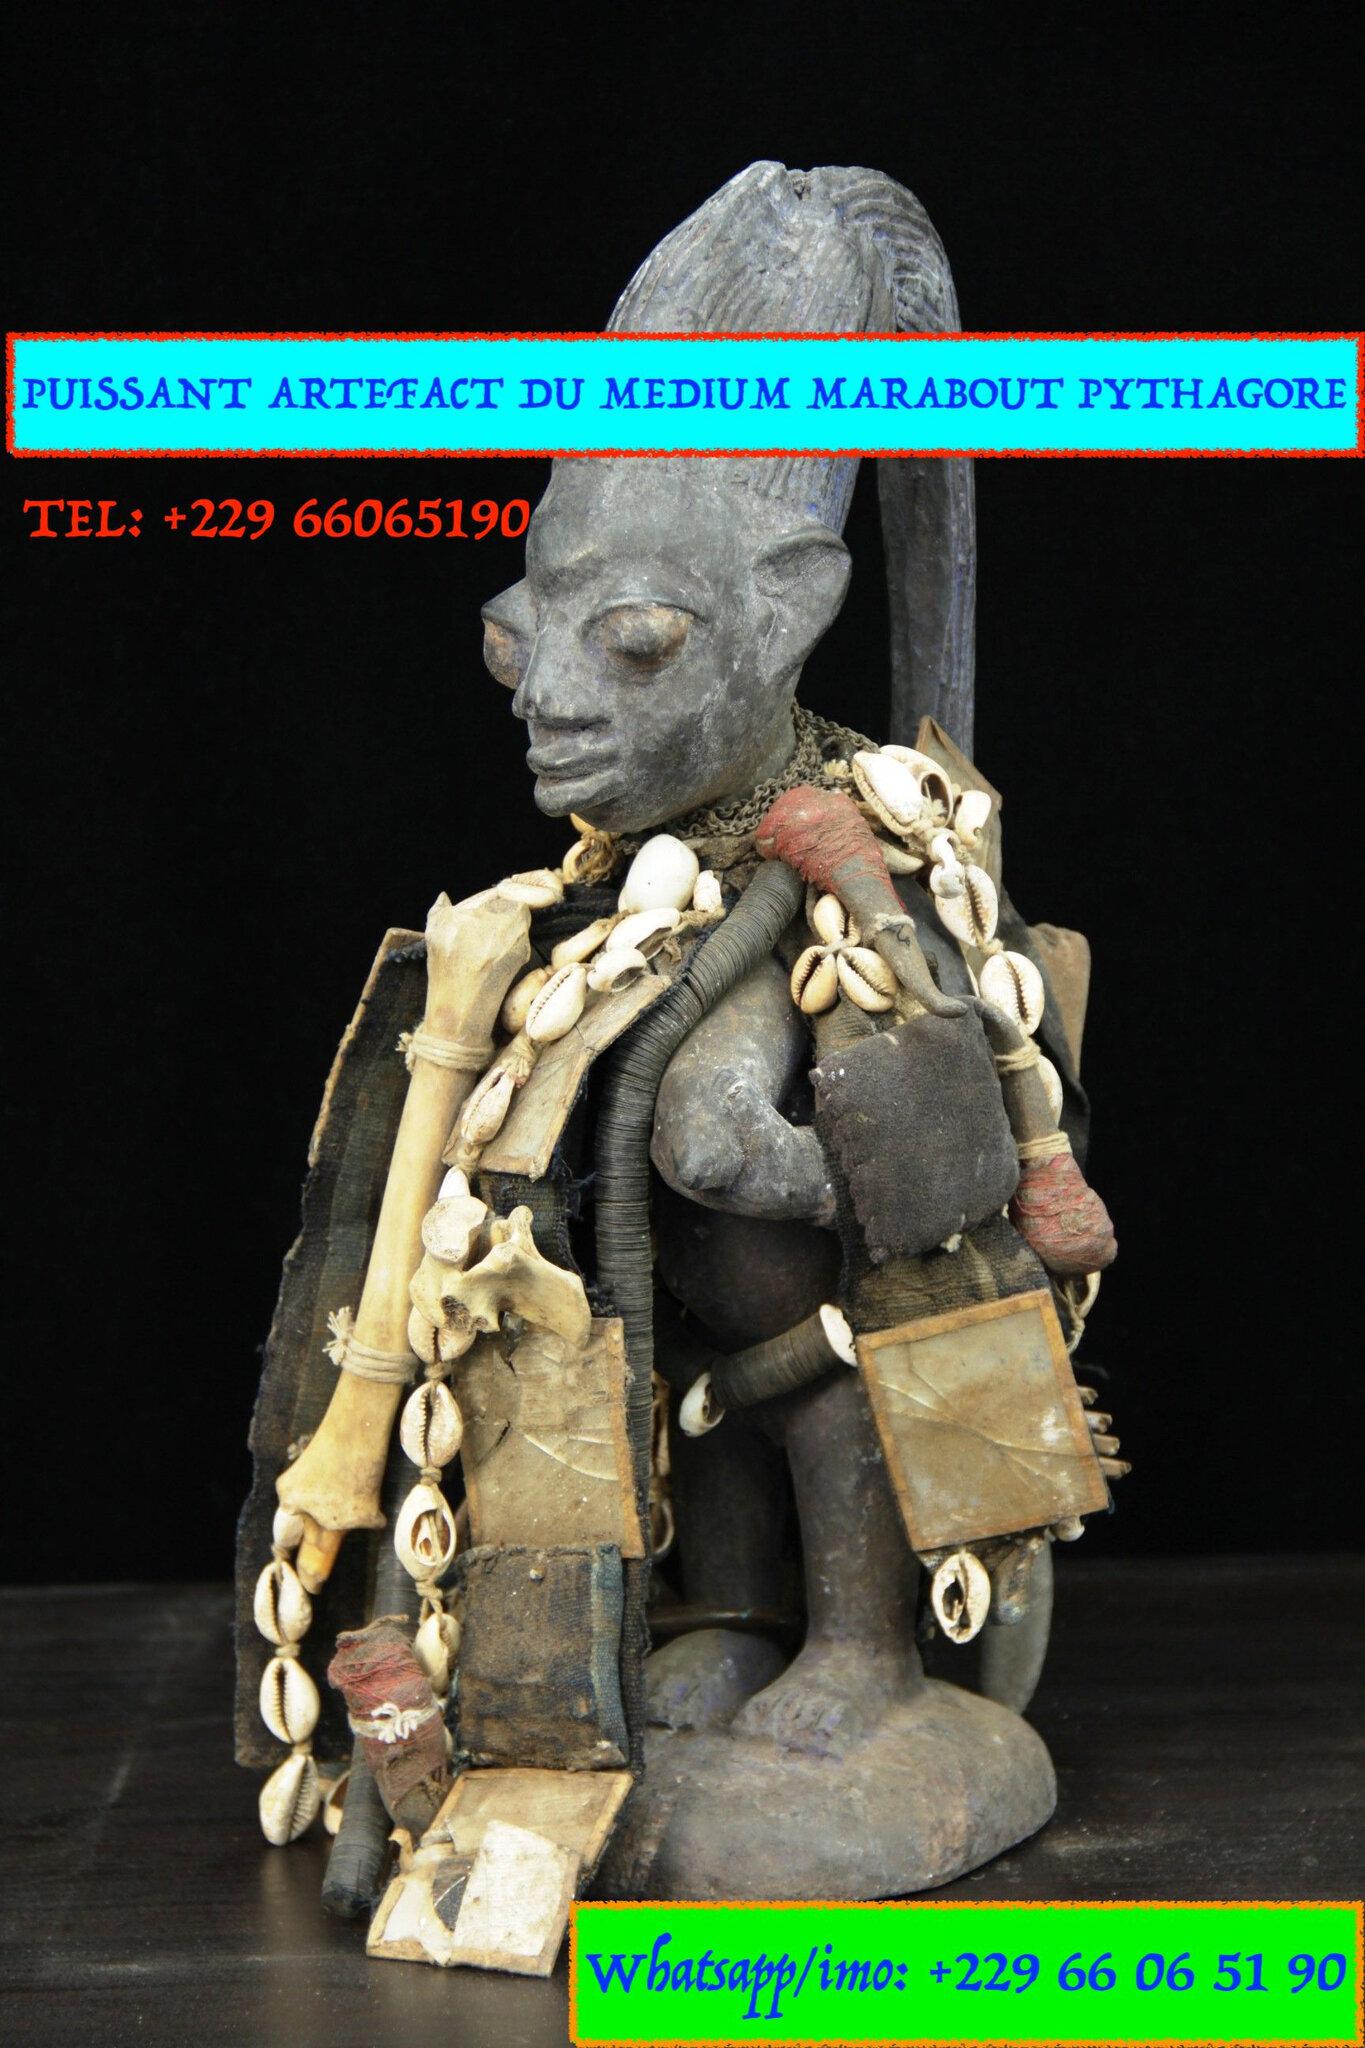 L'ARTEFACT MYSTIQUE D'ENVOÛTEMENT D'AMOUR 💓ET DE PROSPÉRITÉ 💰DU MÉDIUM MARABOUT SÉRIEUX PYTHAGORE